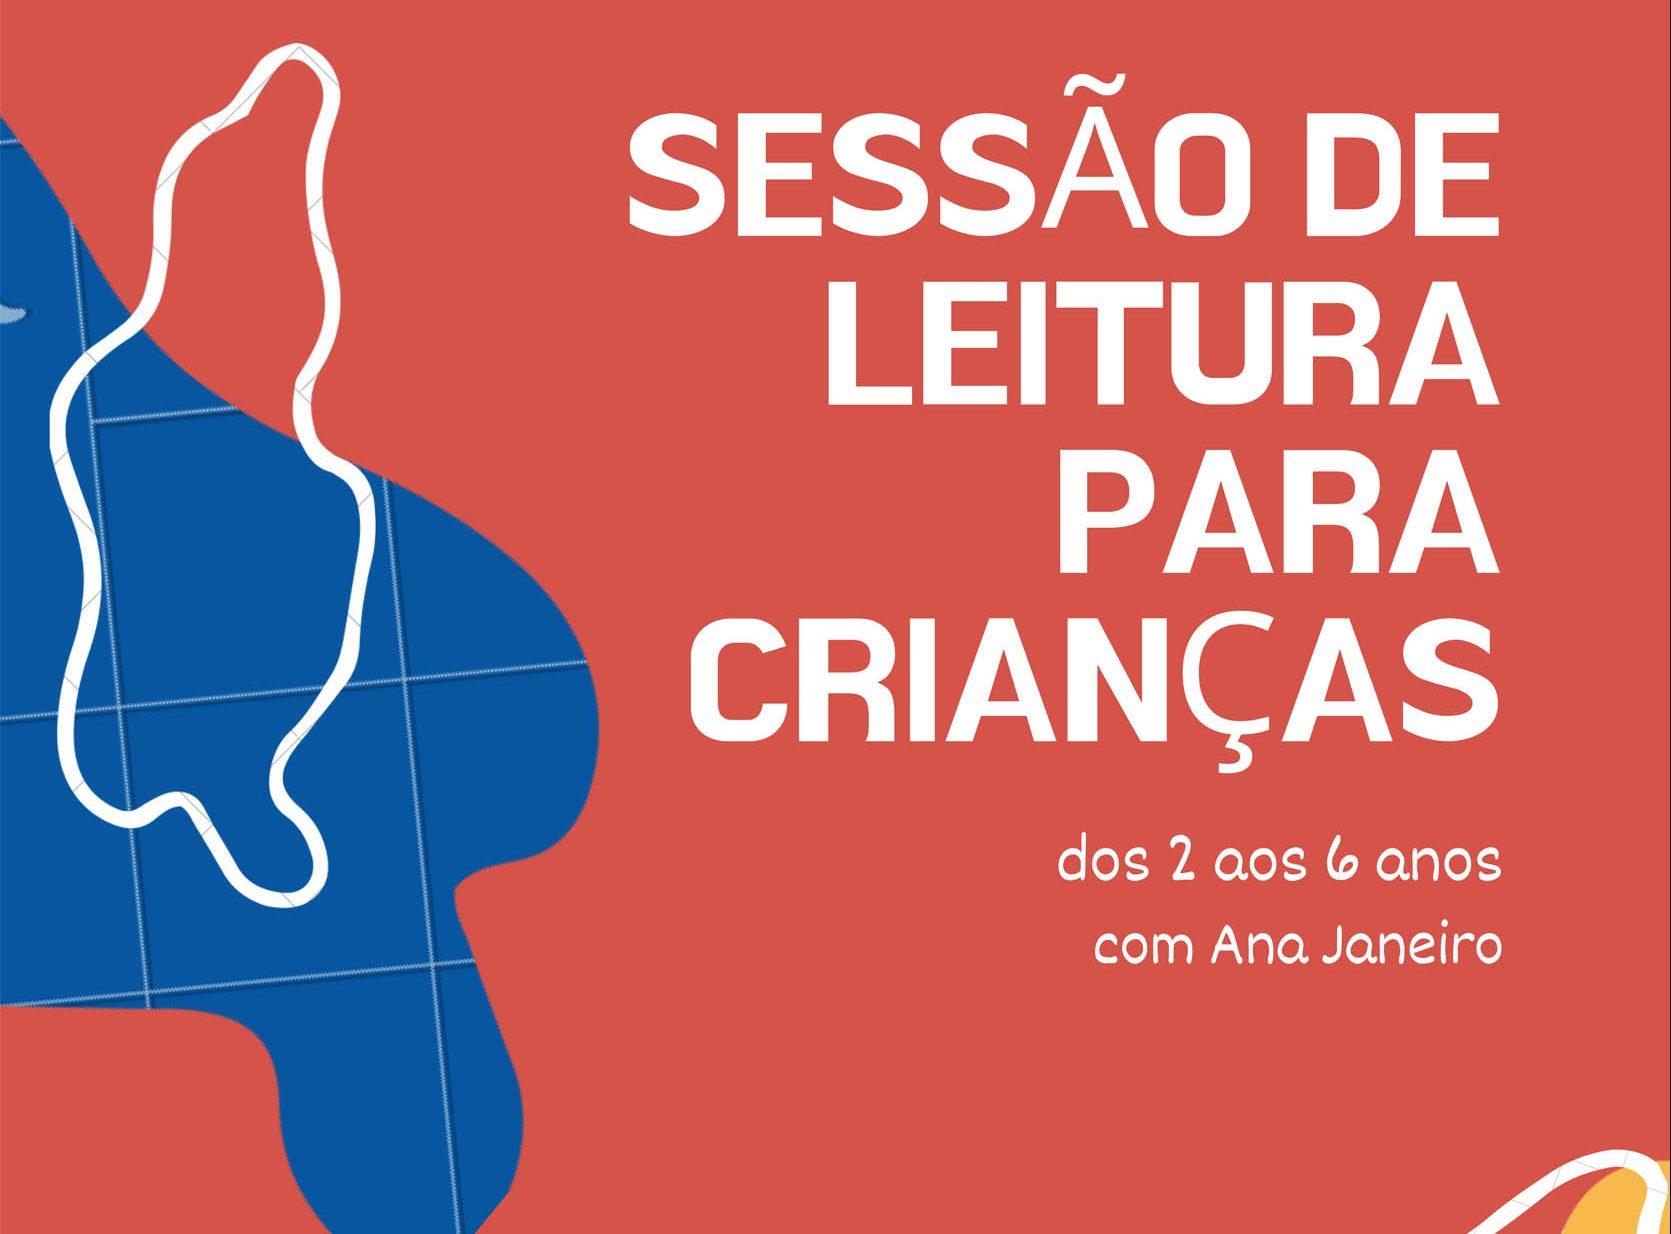 Museu Francisco de Lacerda, em S. Jorge, promove sessão de leitura para crianças